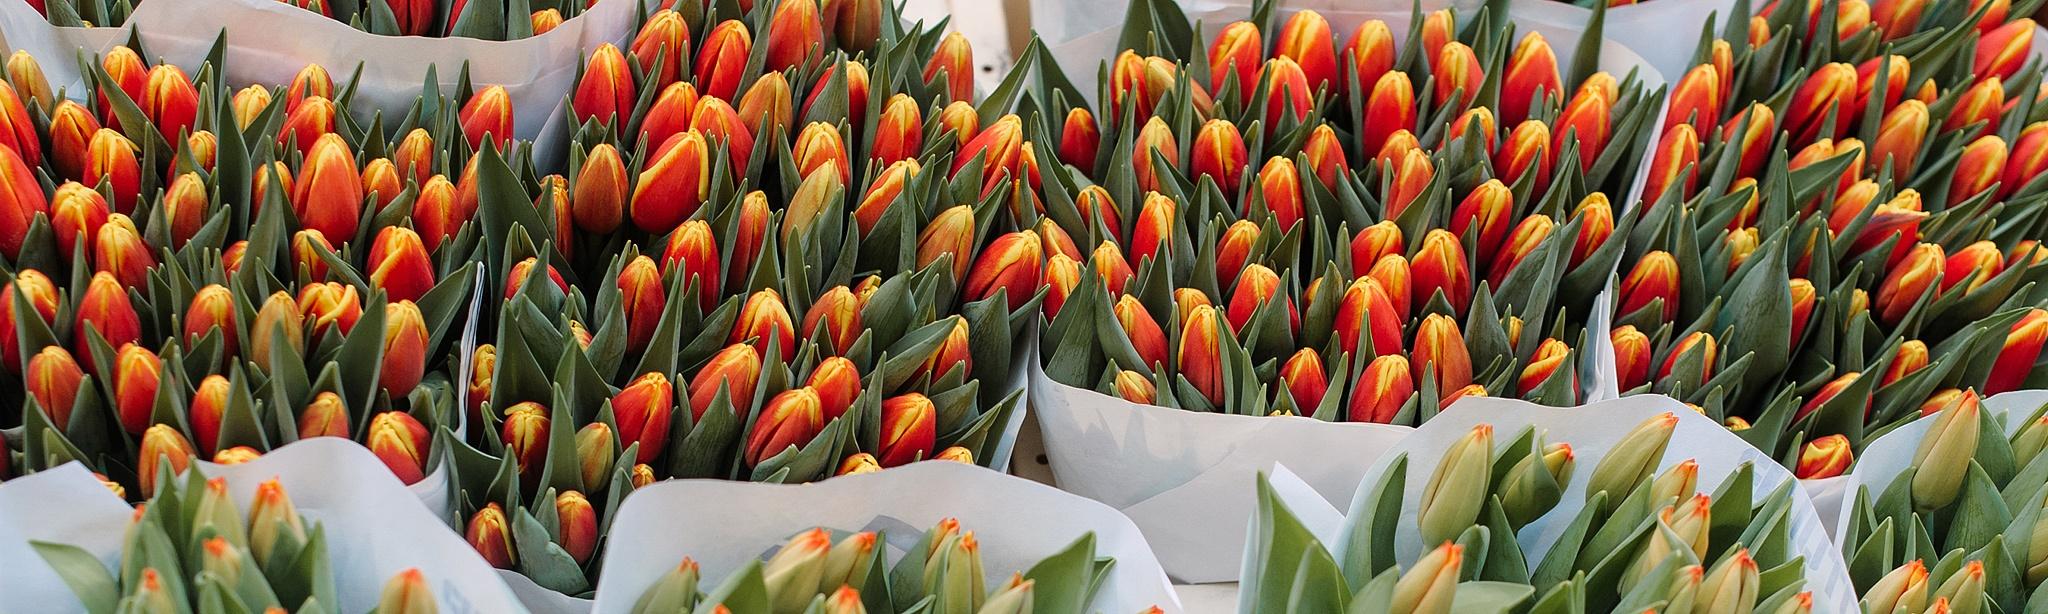 Сколько стоят цветы в Амстердаме?